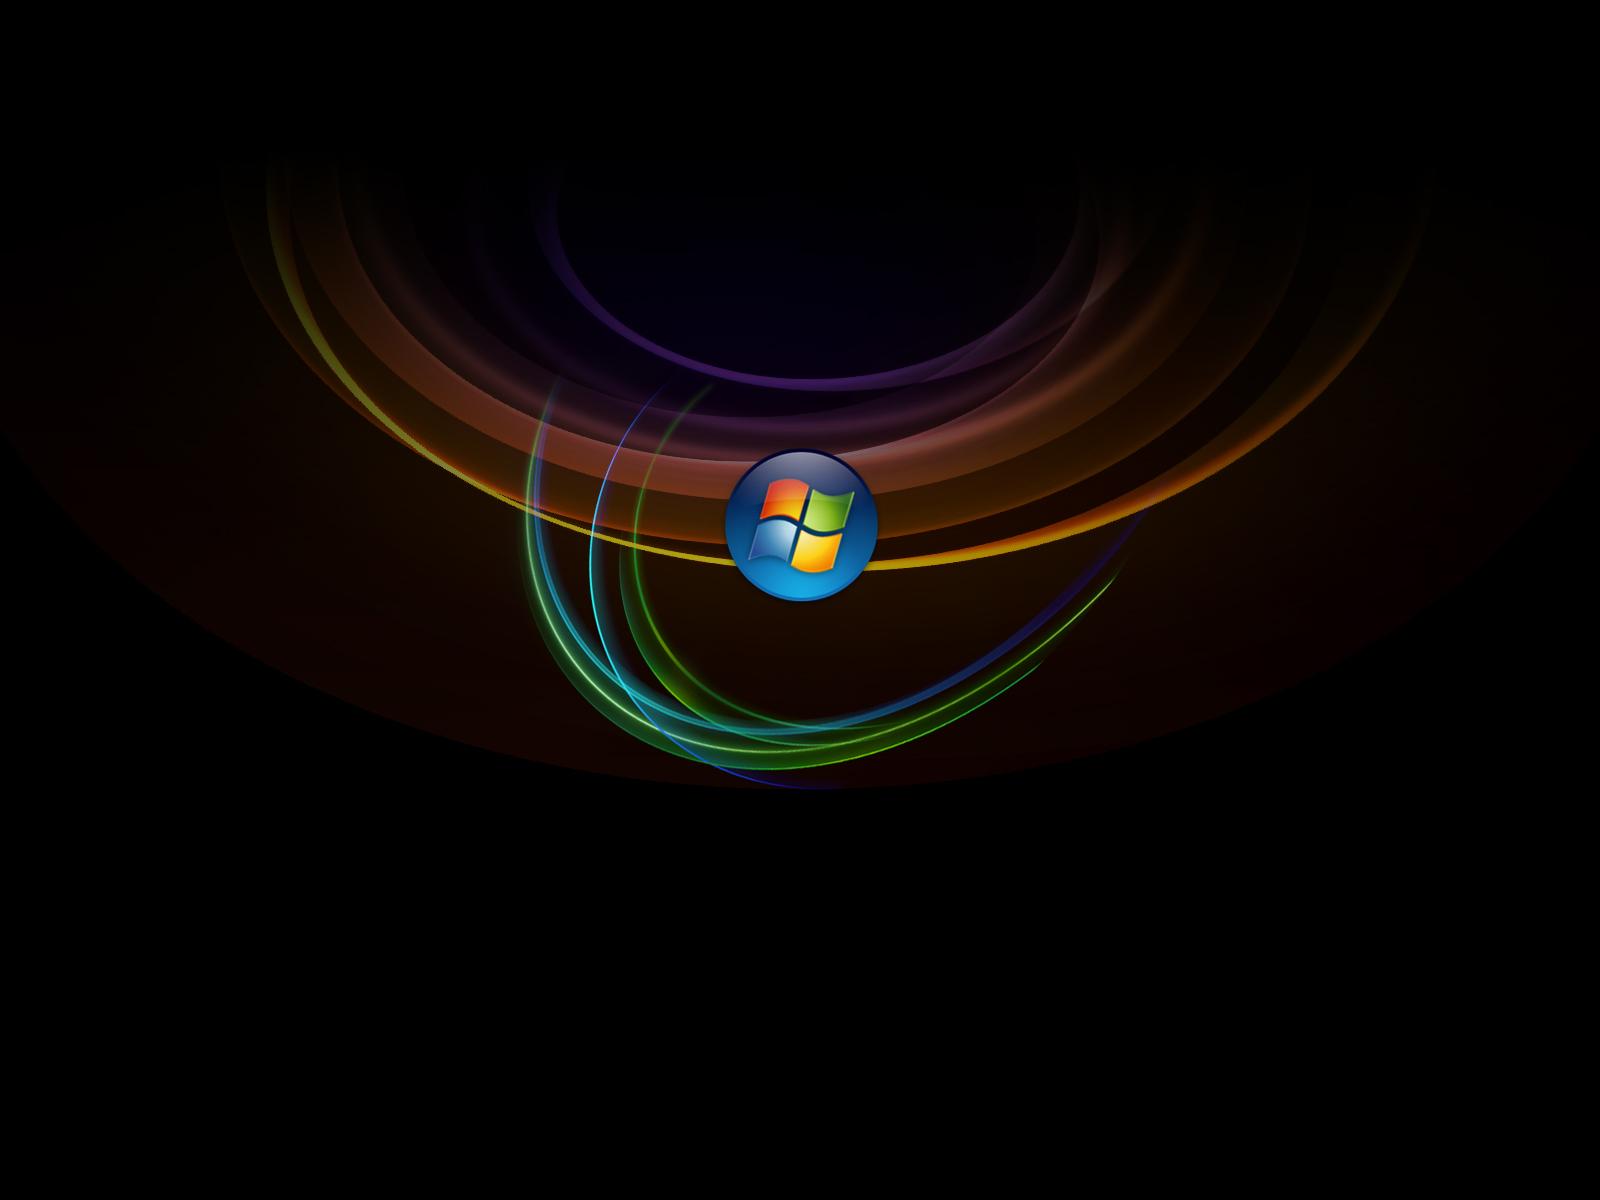 http://1.bp.blogspot.com/_-Bvj0Jr3LfI/SwQ56a7VGjI/AAAAAAAAAPU/zgmpoAdMB7g/s1600/Vista_07.jpg